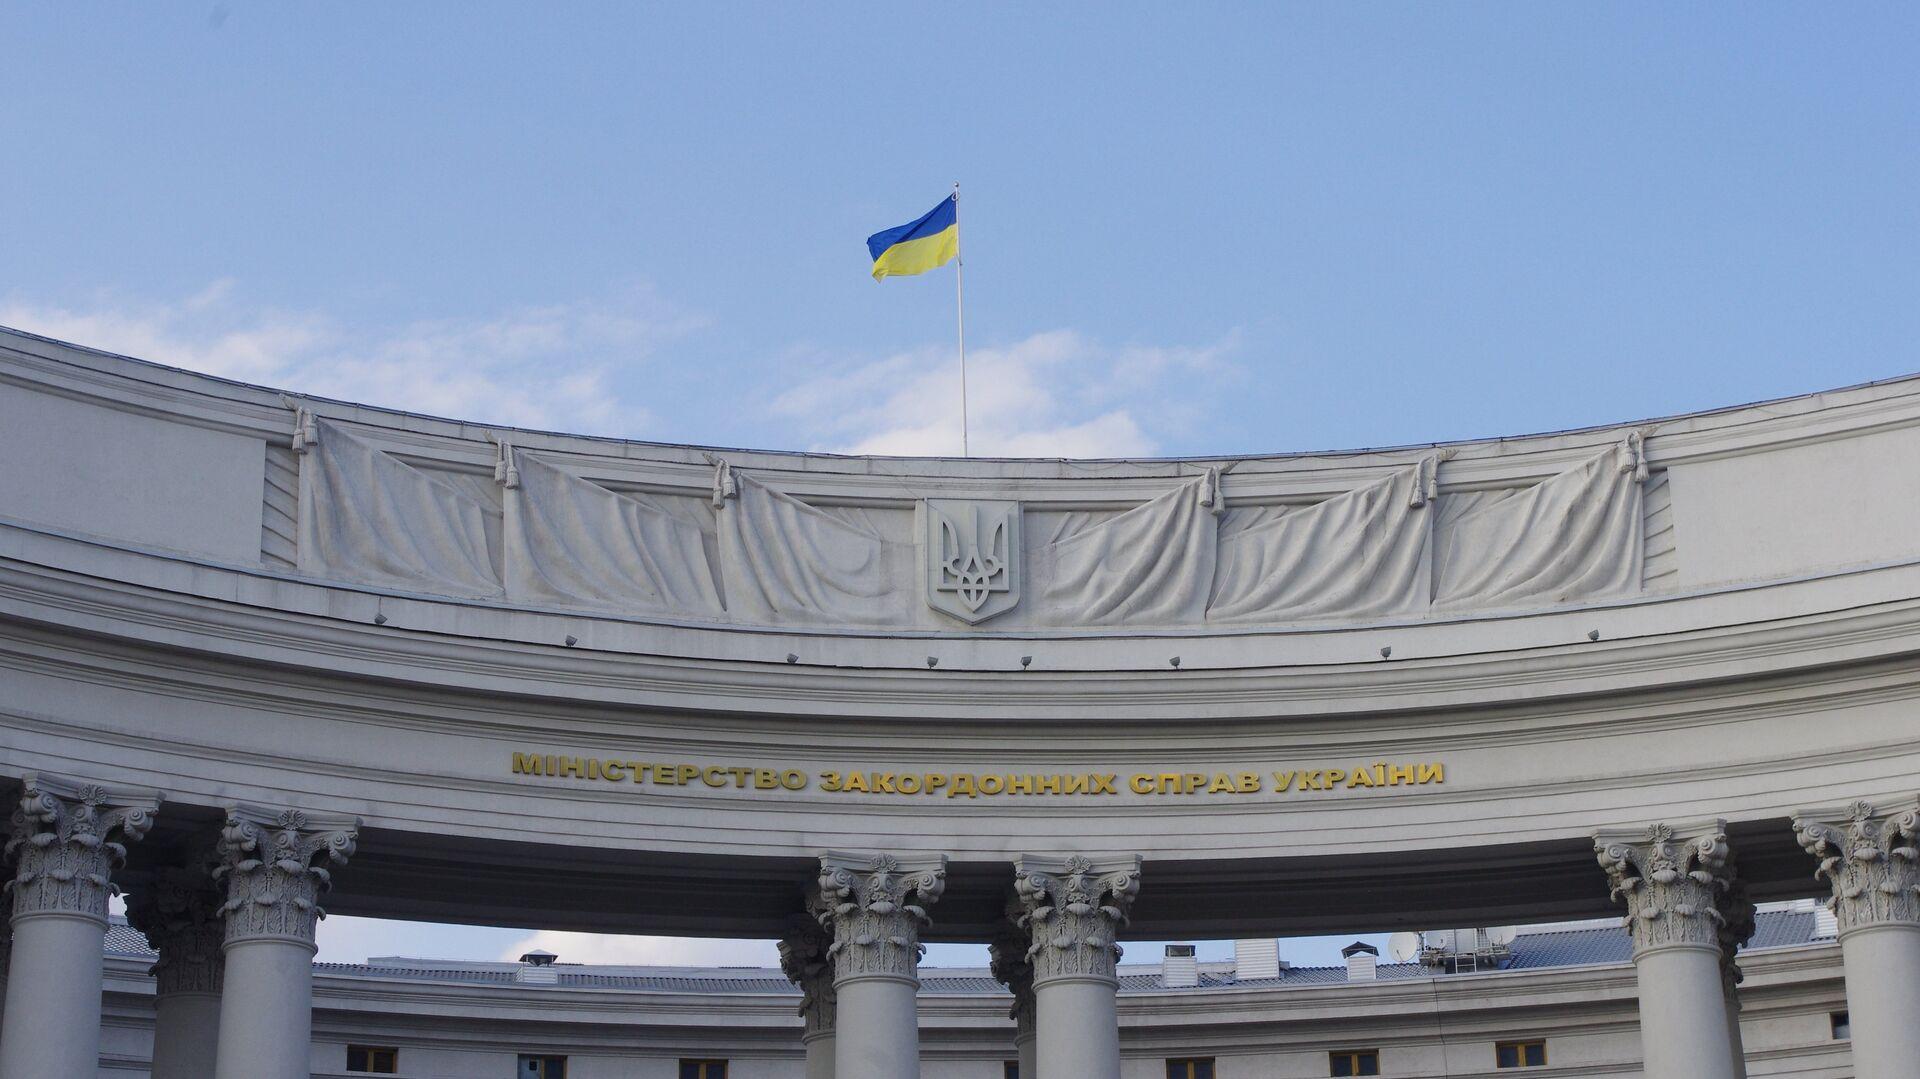 Государственный флаг на здании министерства иностранных дел Украины в Киеве - РИА Новости, 1920, 23.02.2021